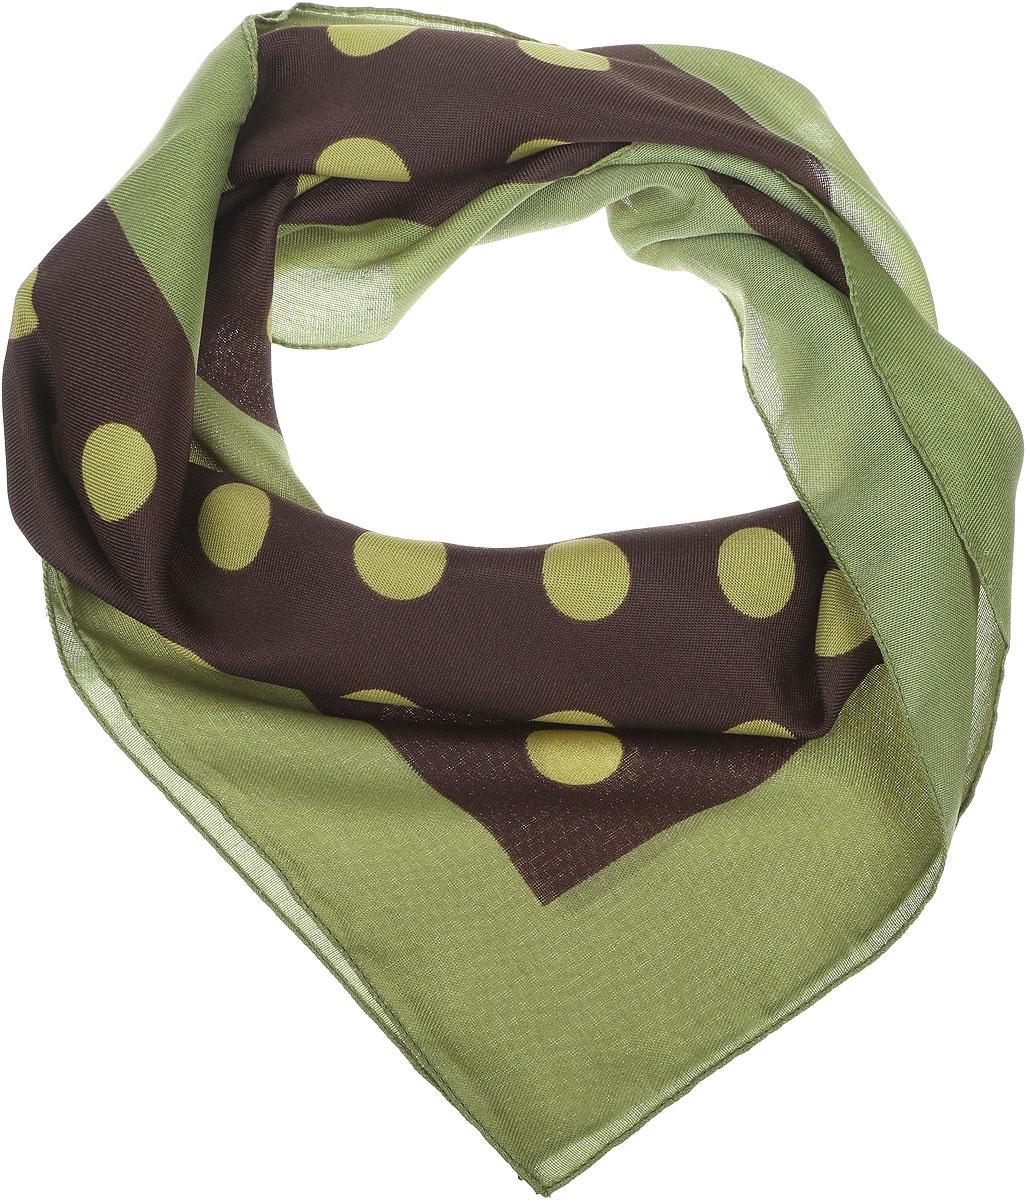 Платок2900272-1Женский платок Venera выполнен из полиэстера. Изделие оформлено принтом в горох. Классическая квадратная форма позволяет носить платок на шее, украшать им прическу или декорировать сумочку.